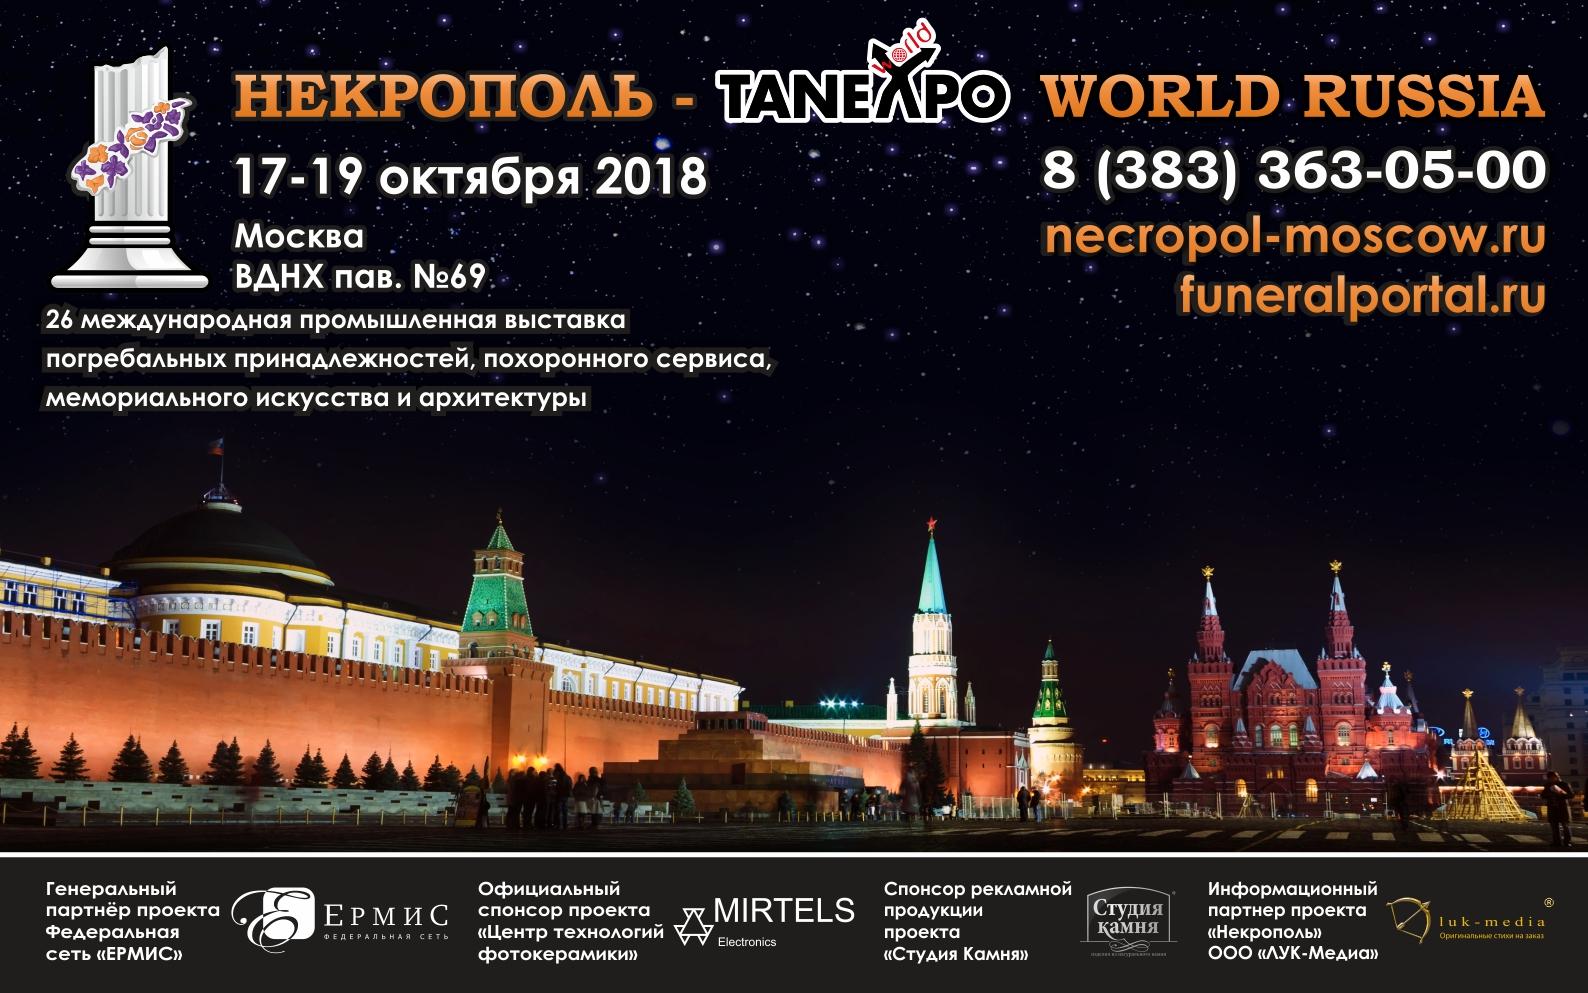 Программа выставки Некрополь 2018